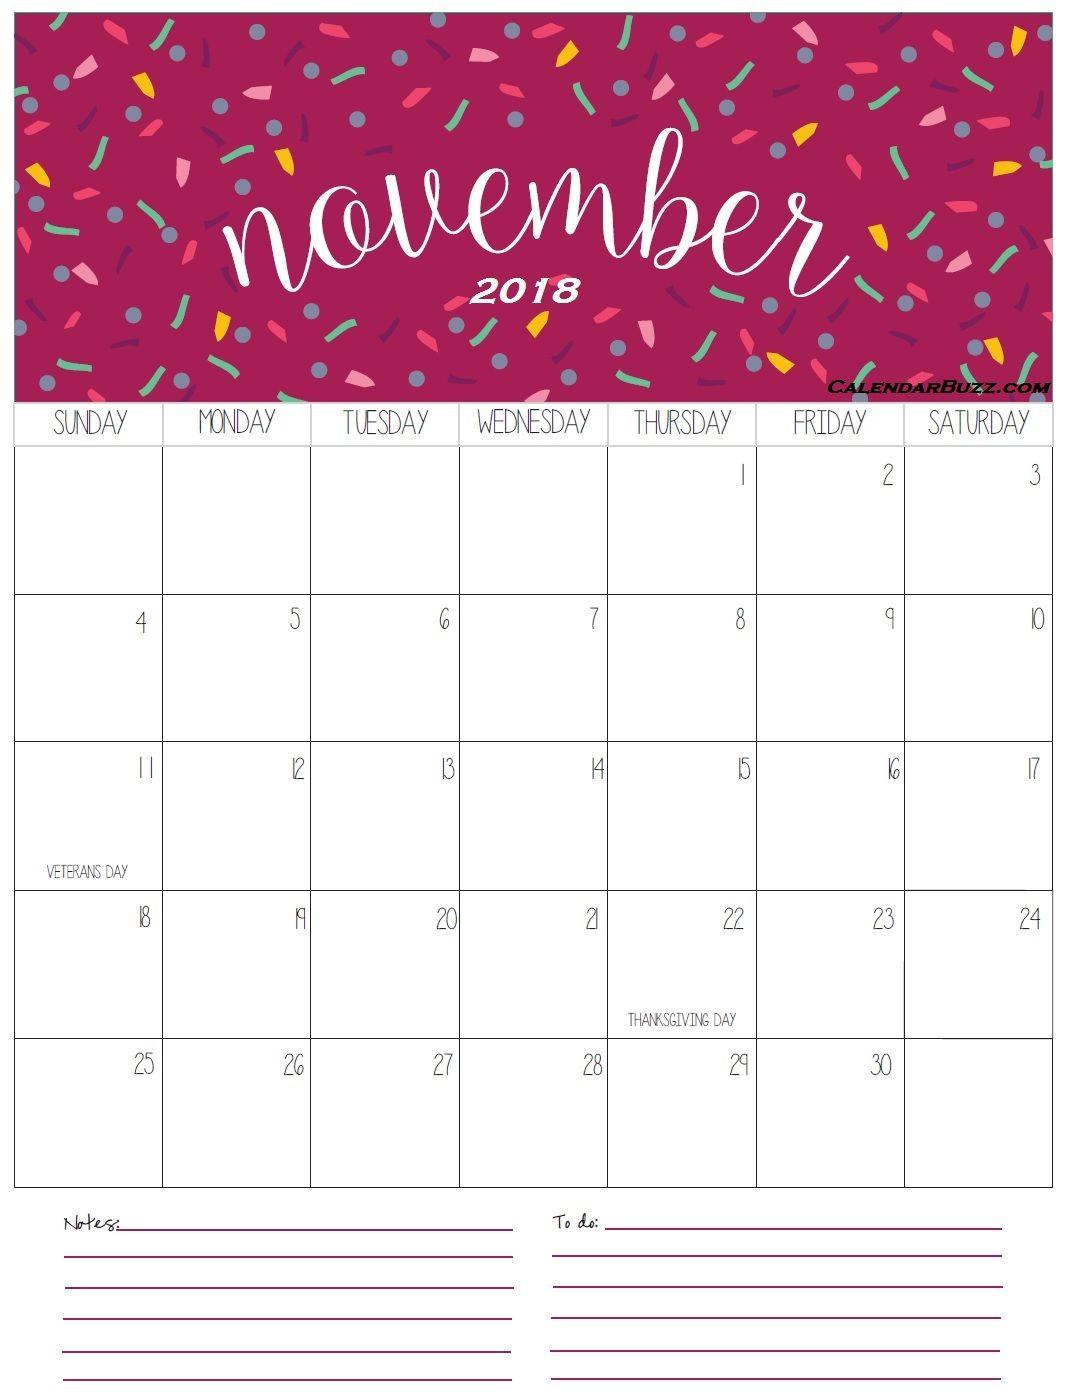 November 2018 Calendar with Notes